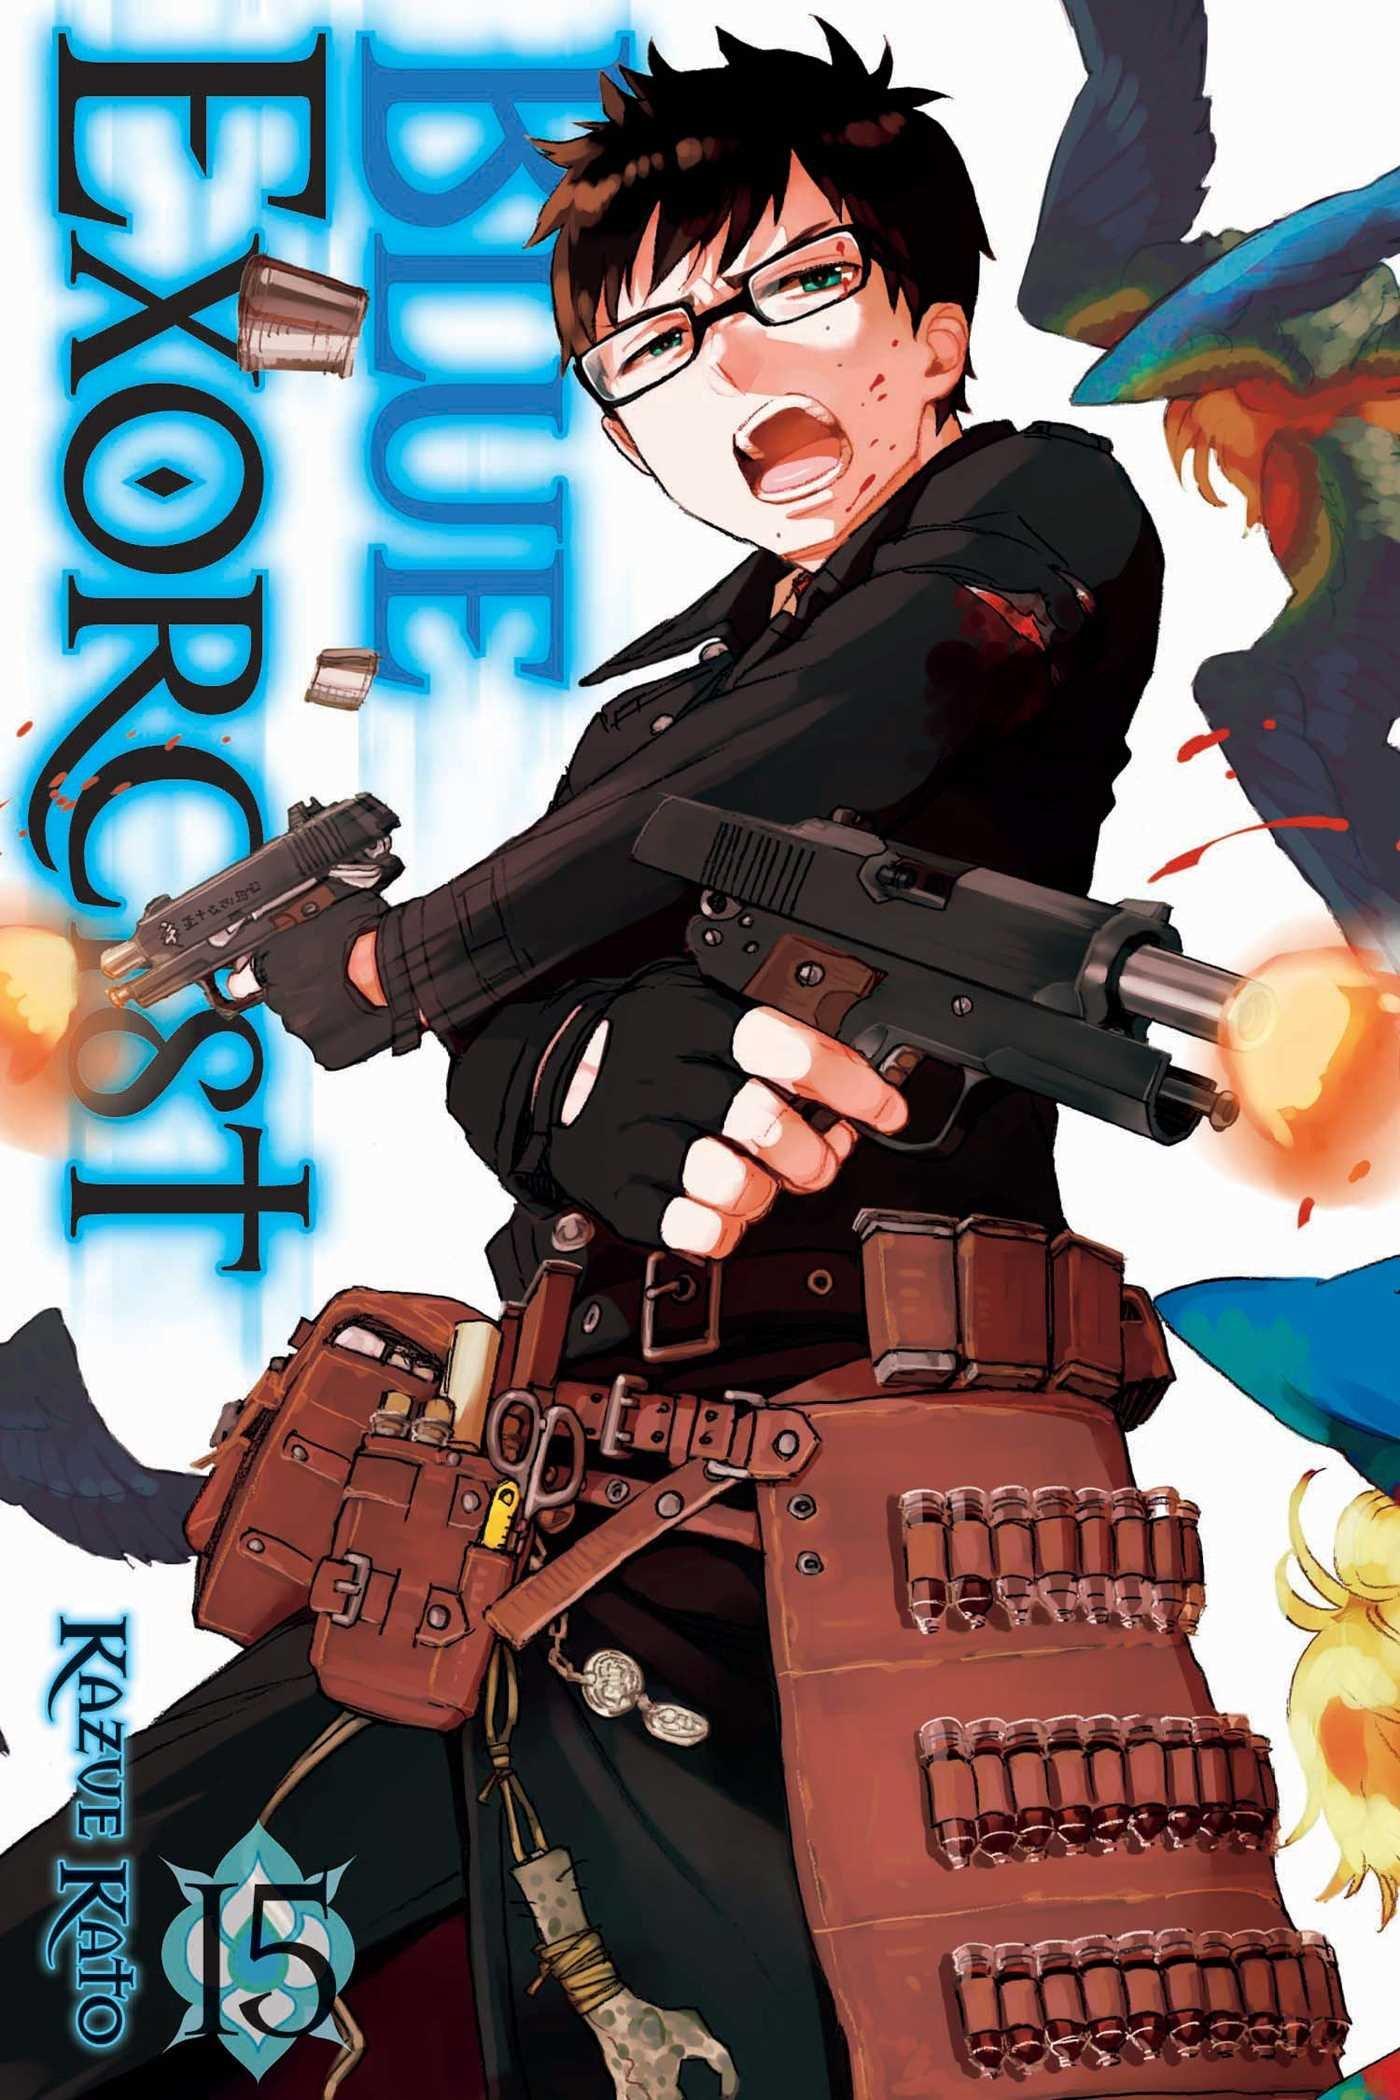 blue exorcist vol 15 kazue kato 9781421585079 amazon com books